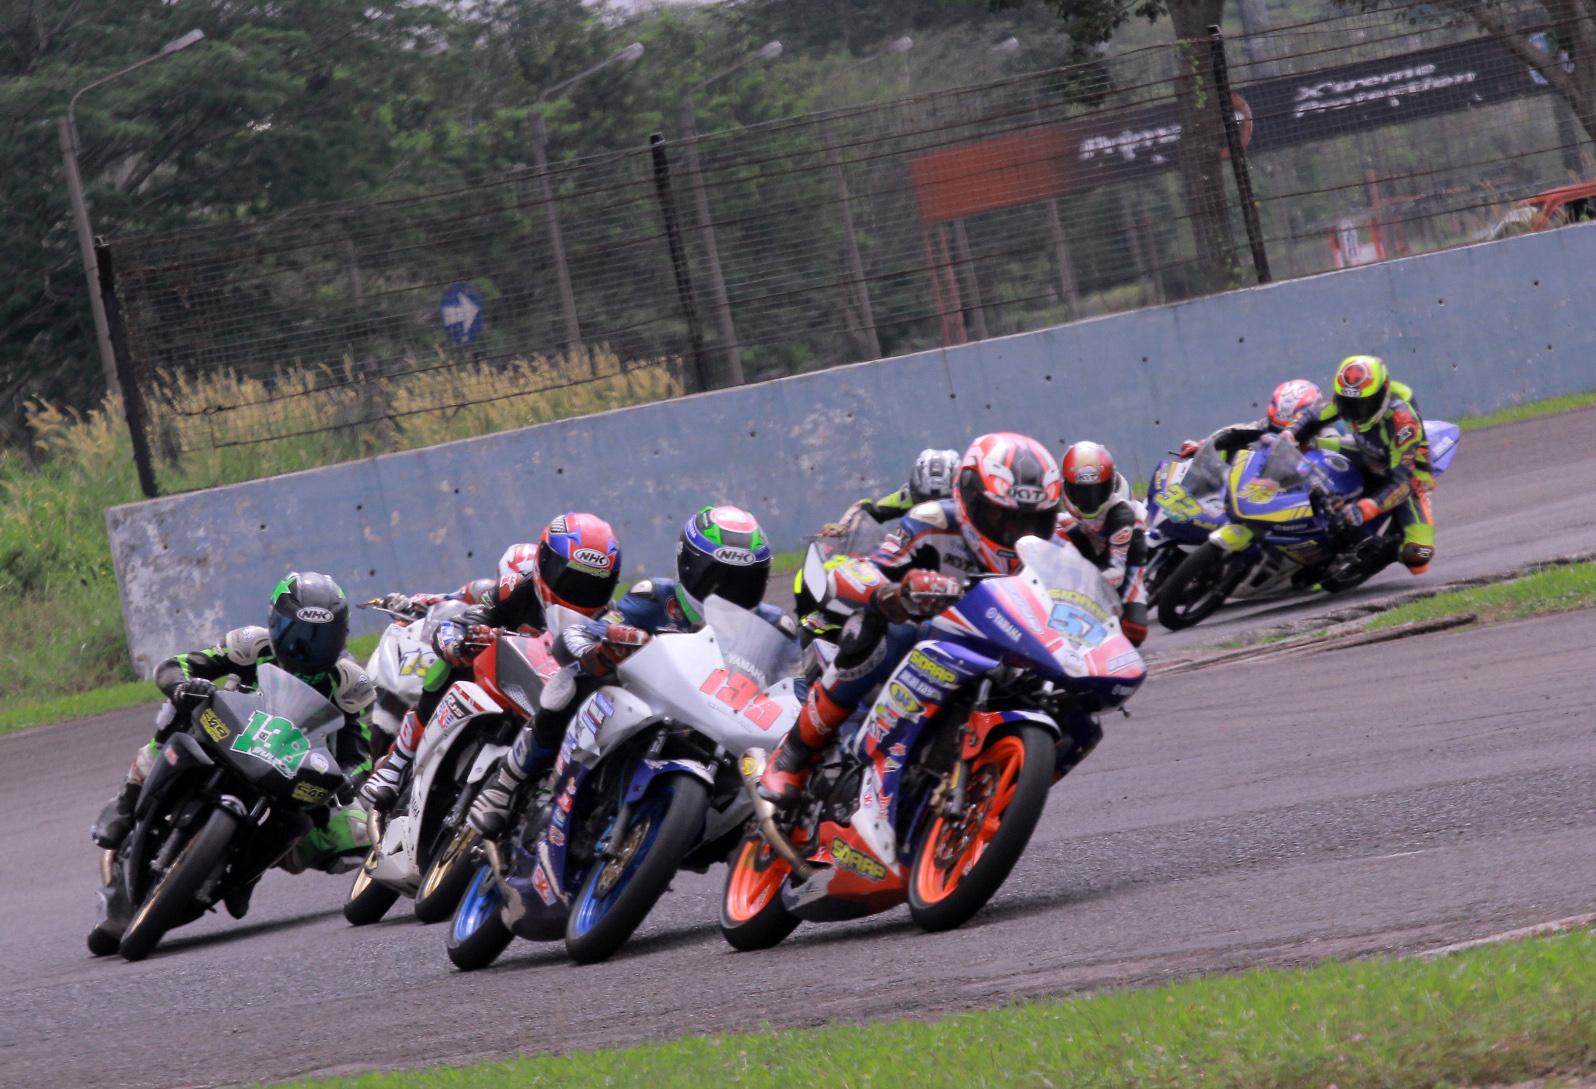 KEJURNAS 150 CC. Klasemen teratas sampai dengan 3 besar dipegang rider-rider tim Yamaha